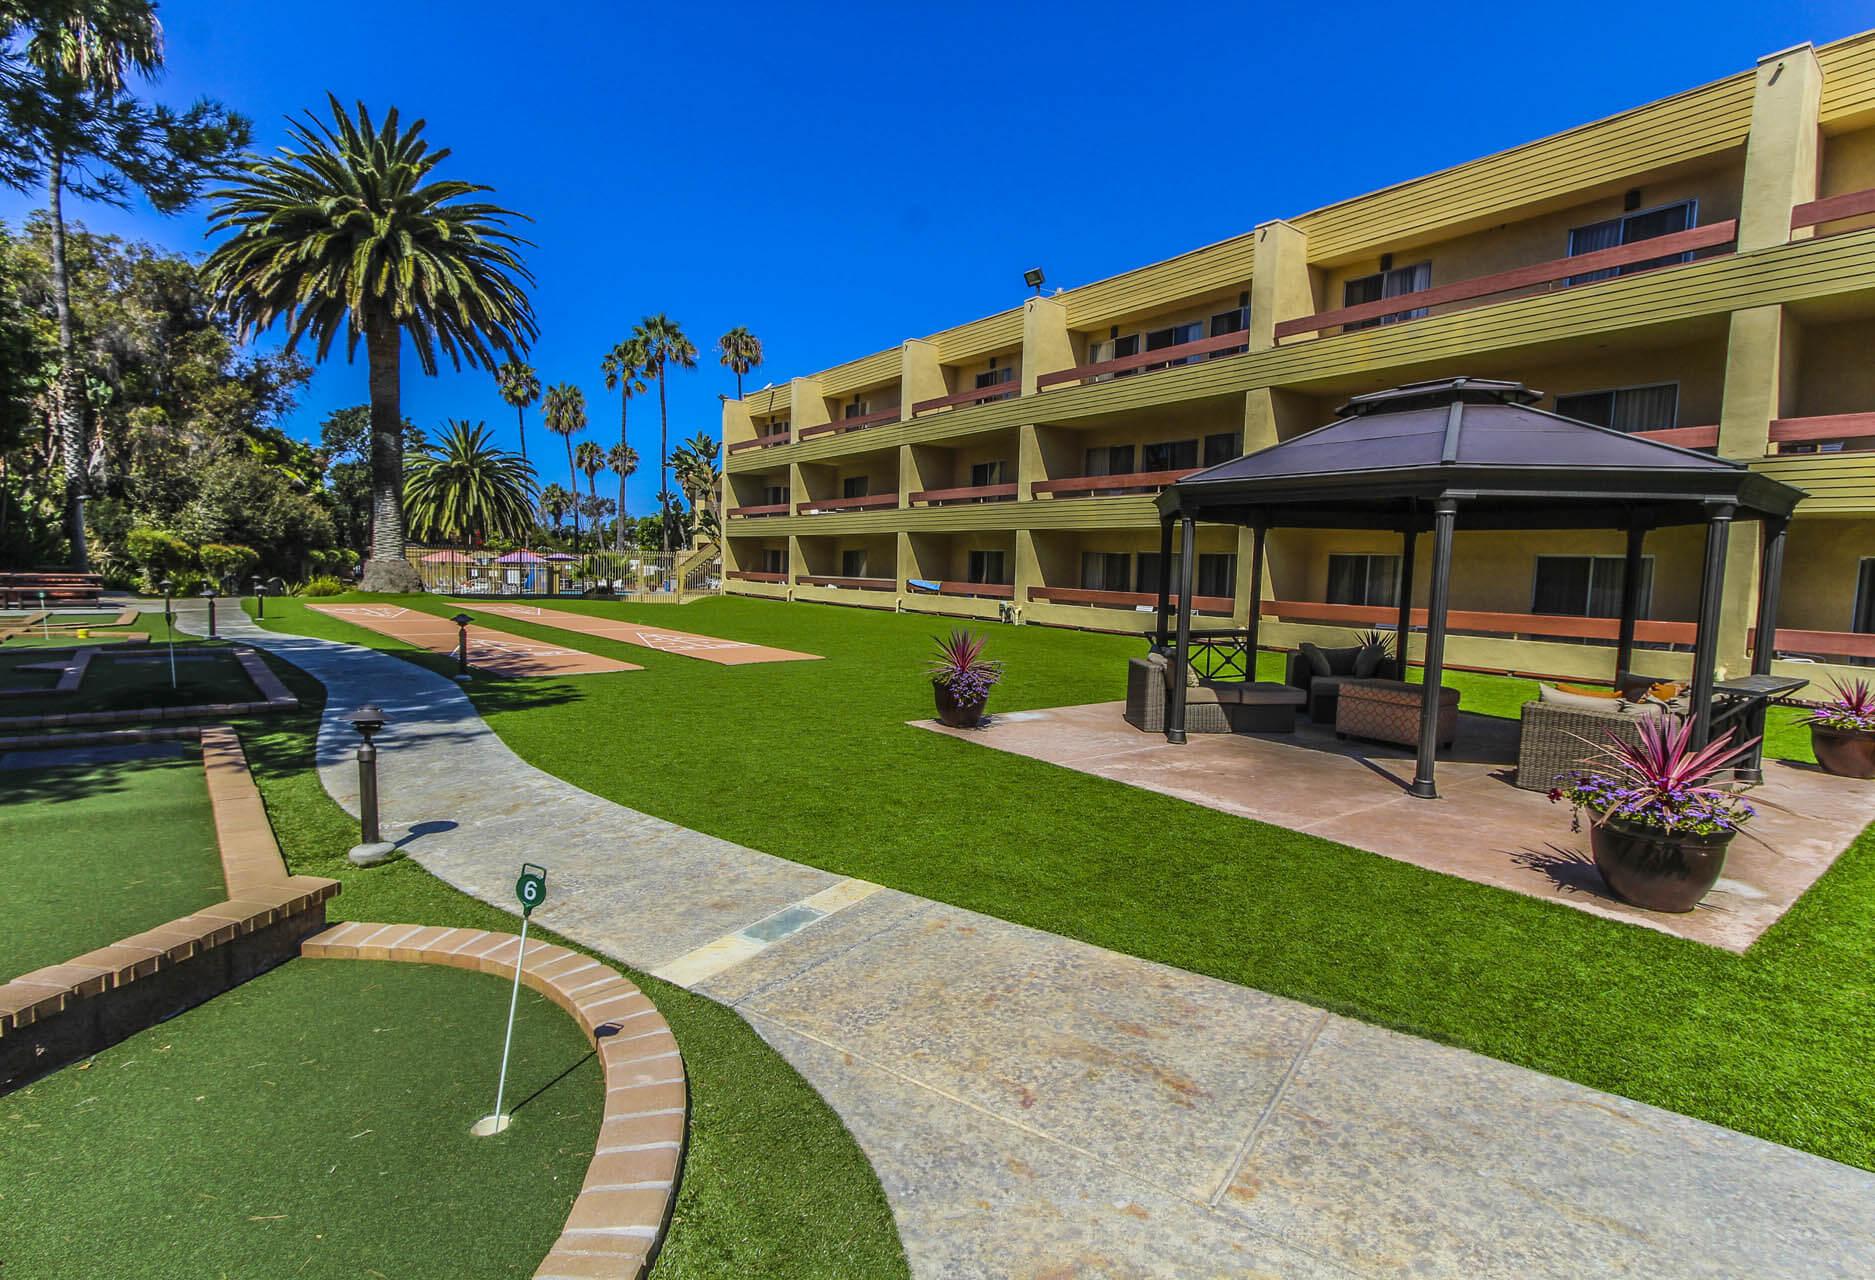 San Clemente Inn Building